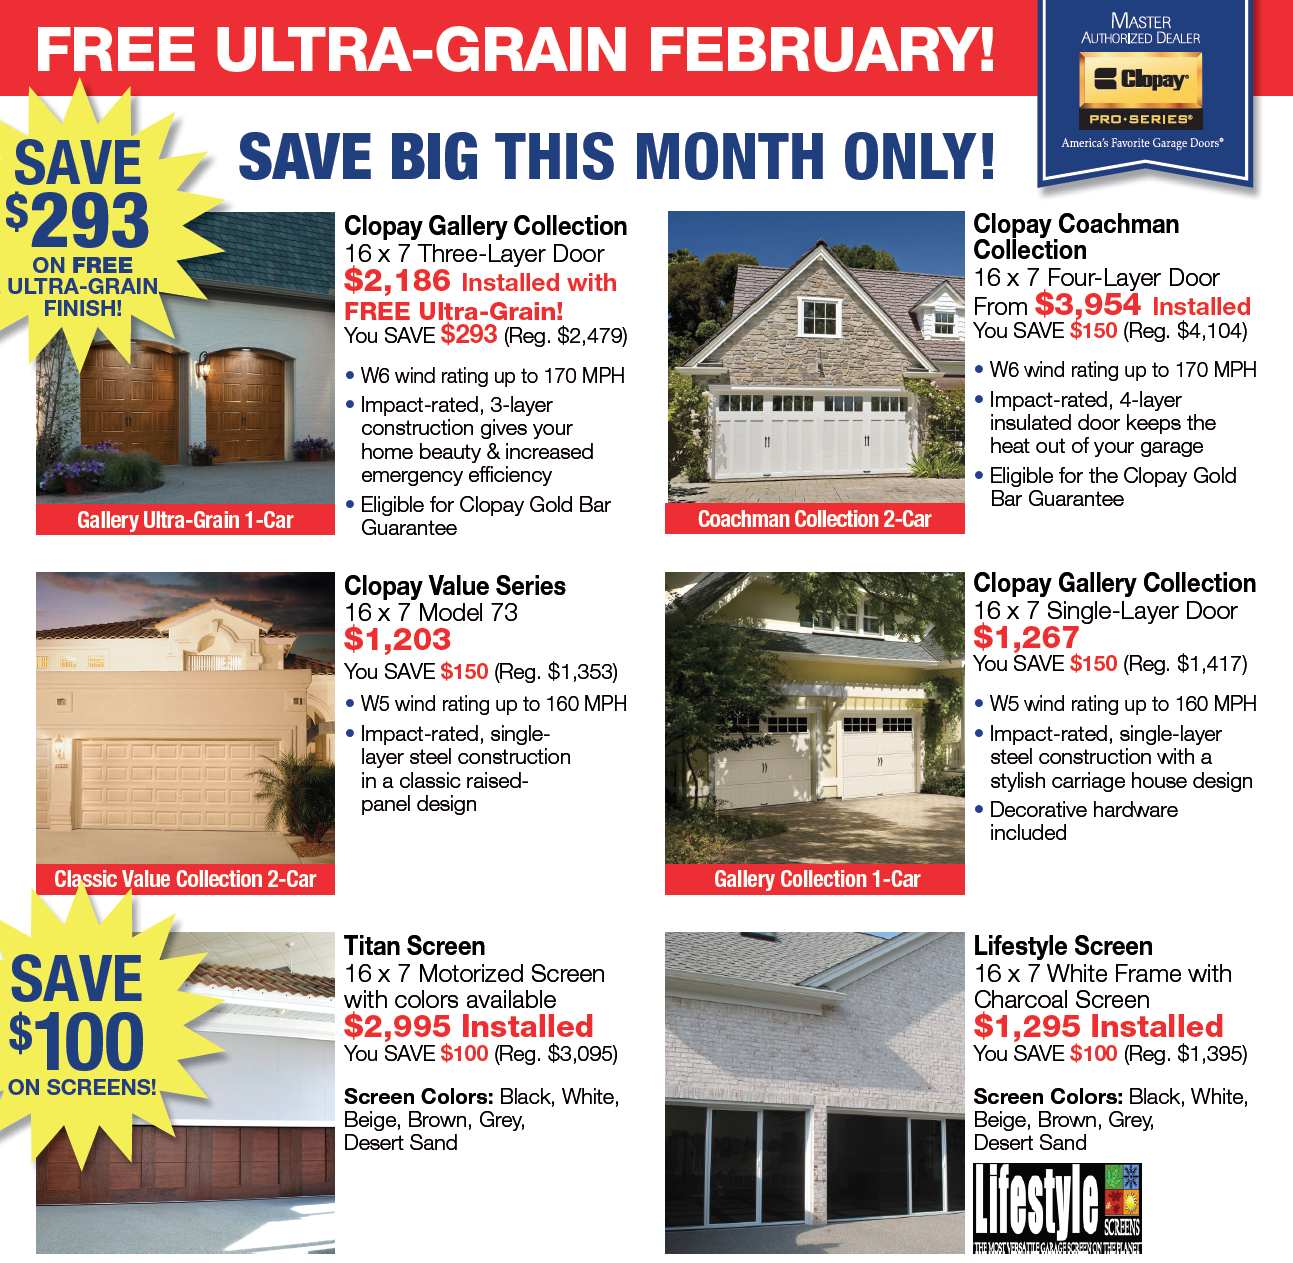 Feb 2017 Promo Free Ultra Grain